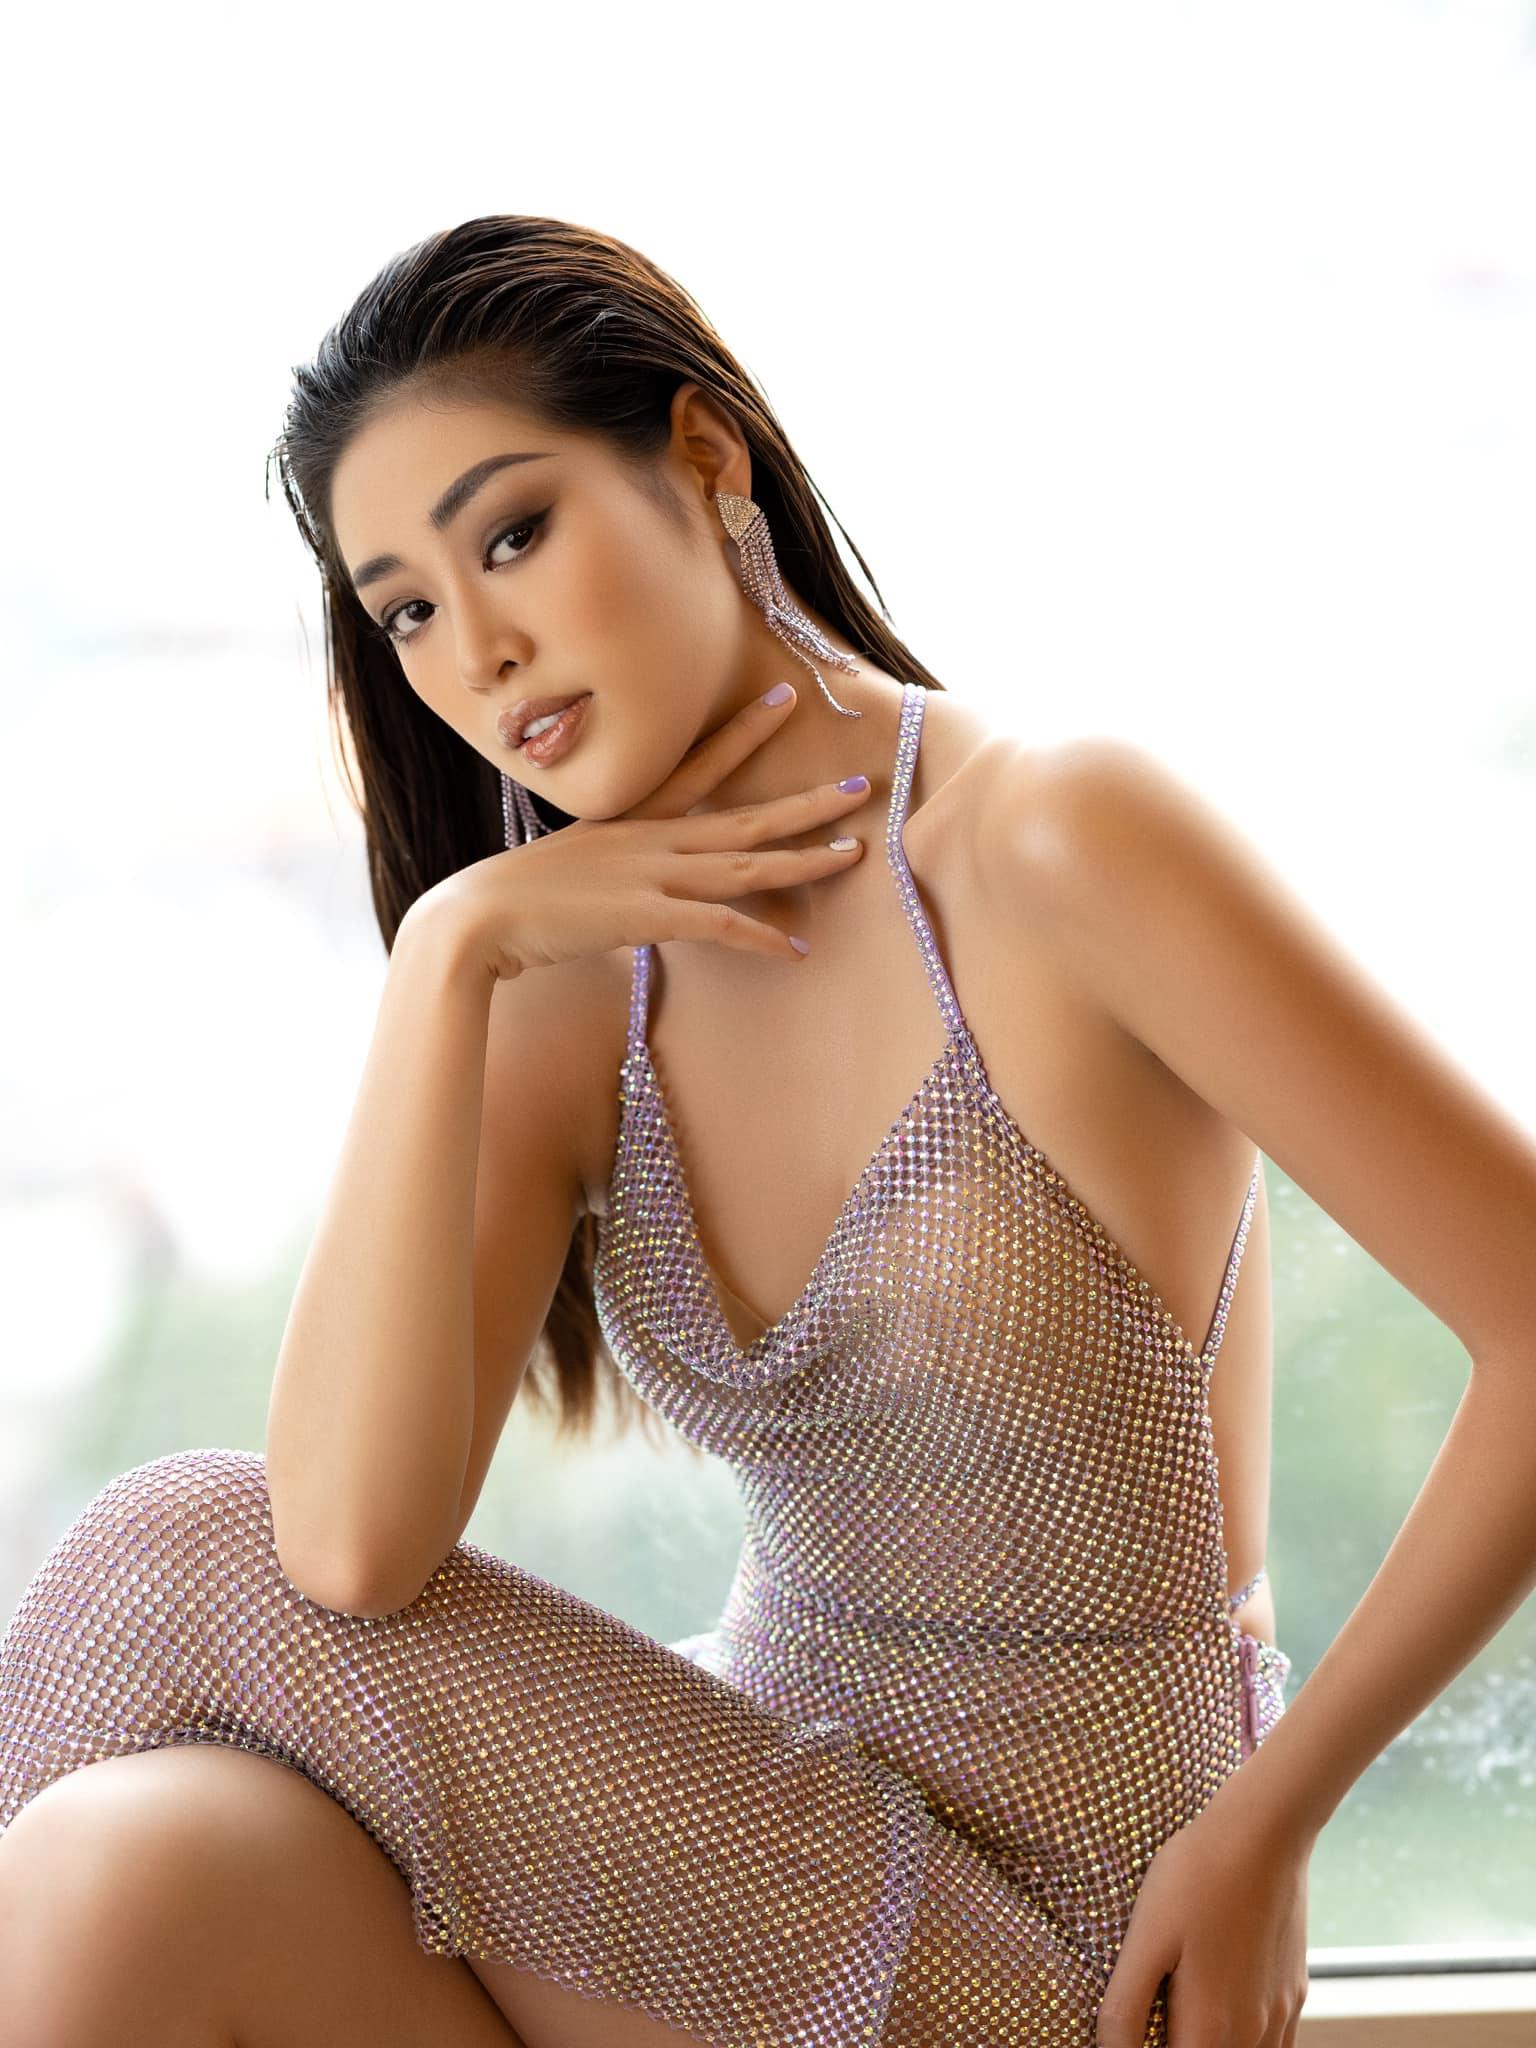 Ở tuổi 26, nhan sắc của Khánh Vân được nhận xét chín muồi và rực rỡ. Mới đây, người đẹp cũng ghi tên vào top 21 Miss Universe nhờ thắng giải bình chọn.